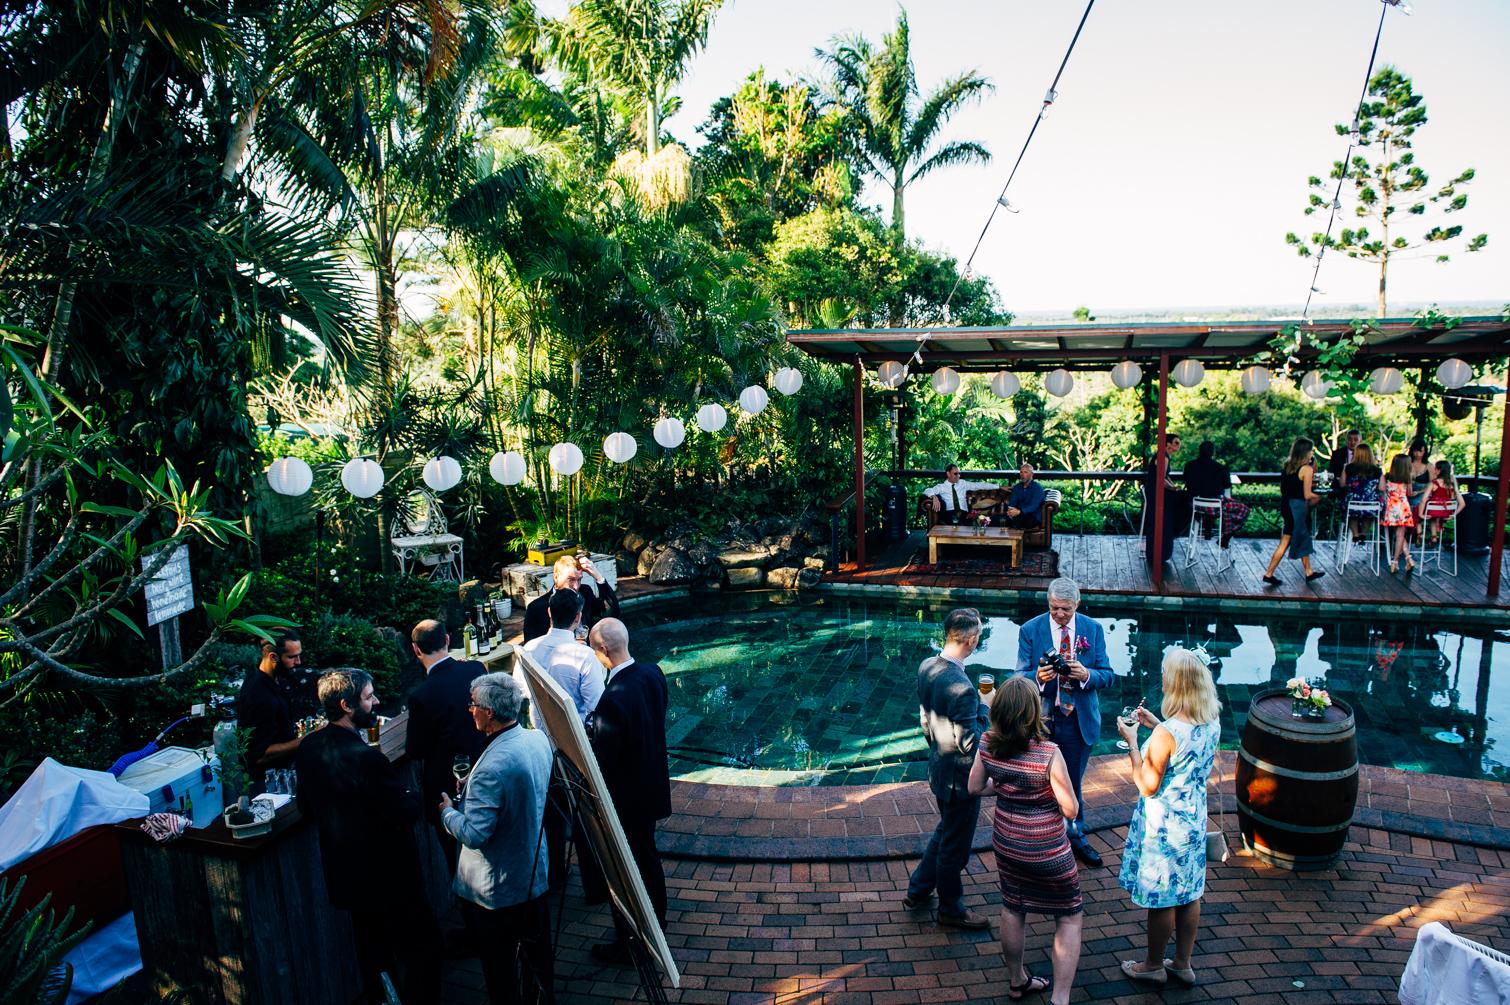 Byron_Bay_Figtree_Restaurant_Wedding_Venue-50.jpg